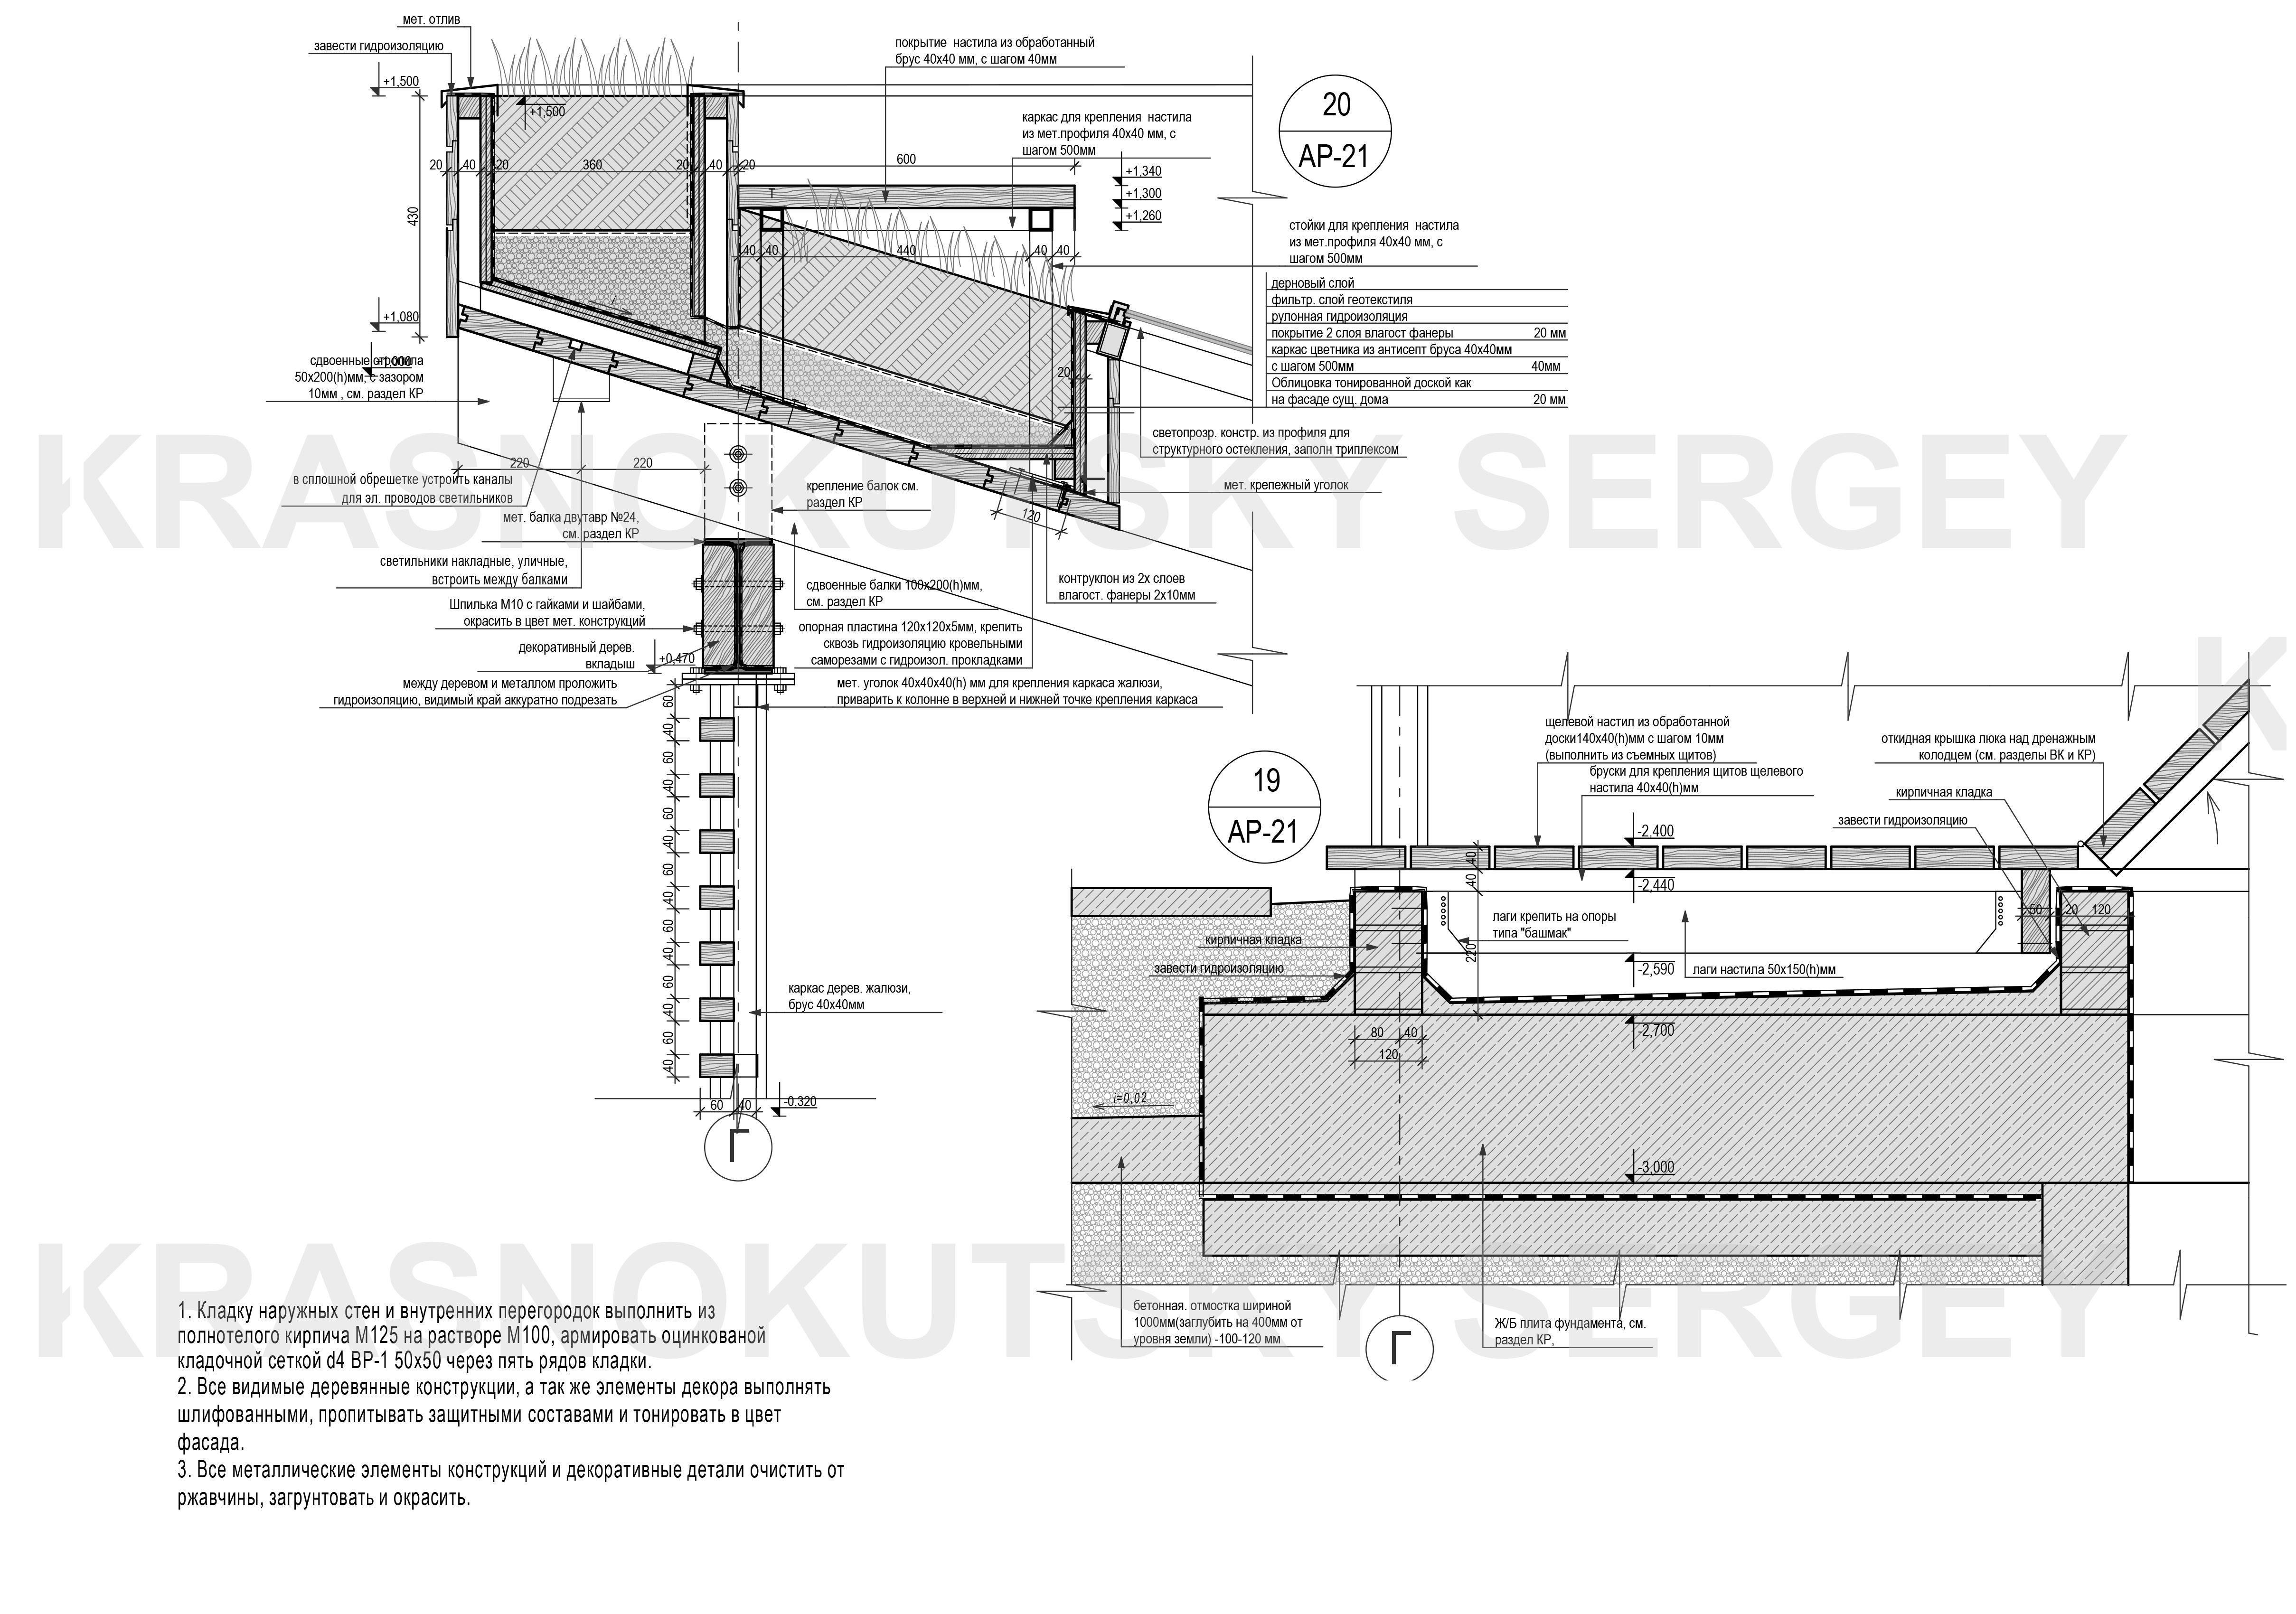 01-63И_ Архитектурные решения (ИЗМ БШ)-41-WM